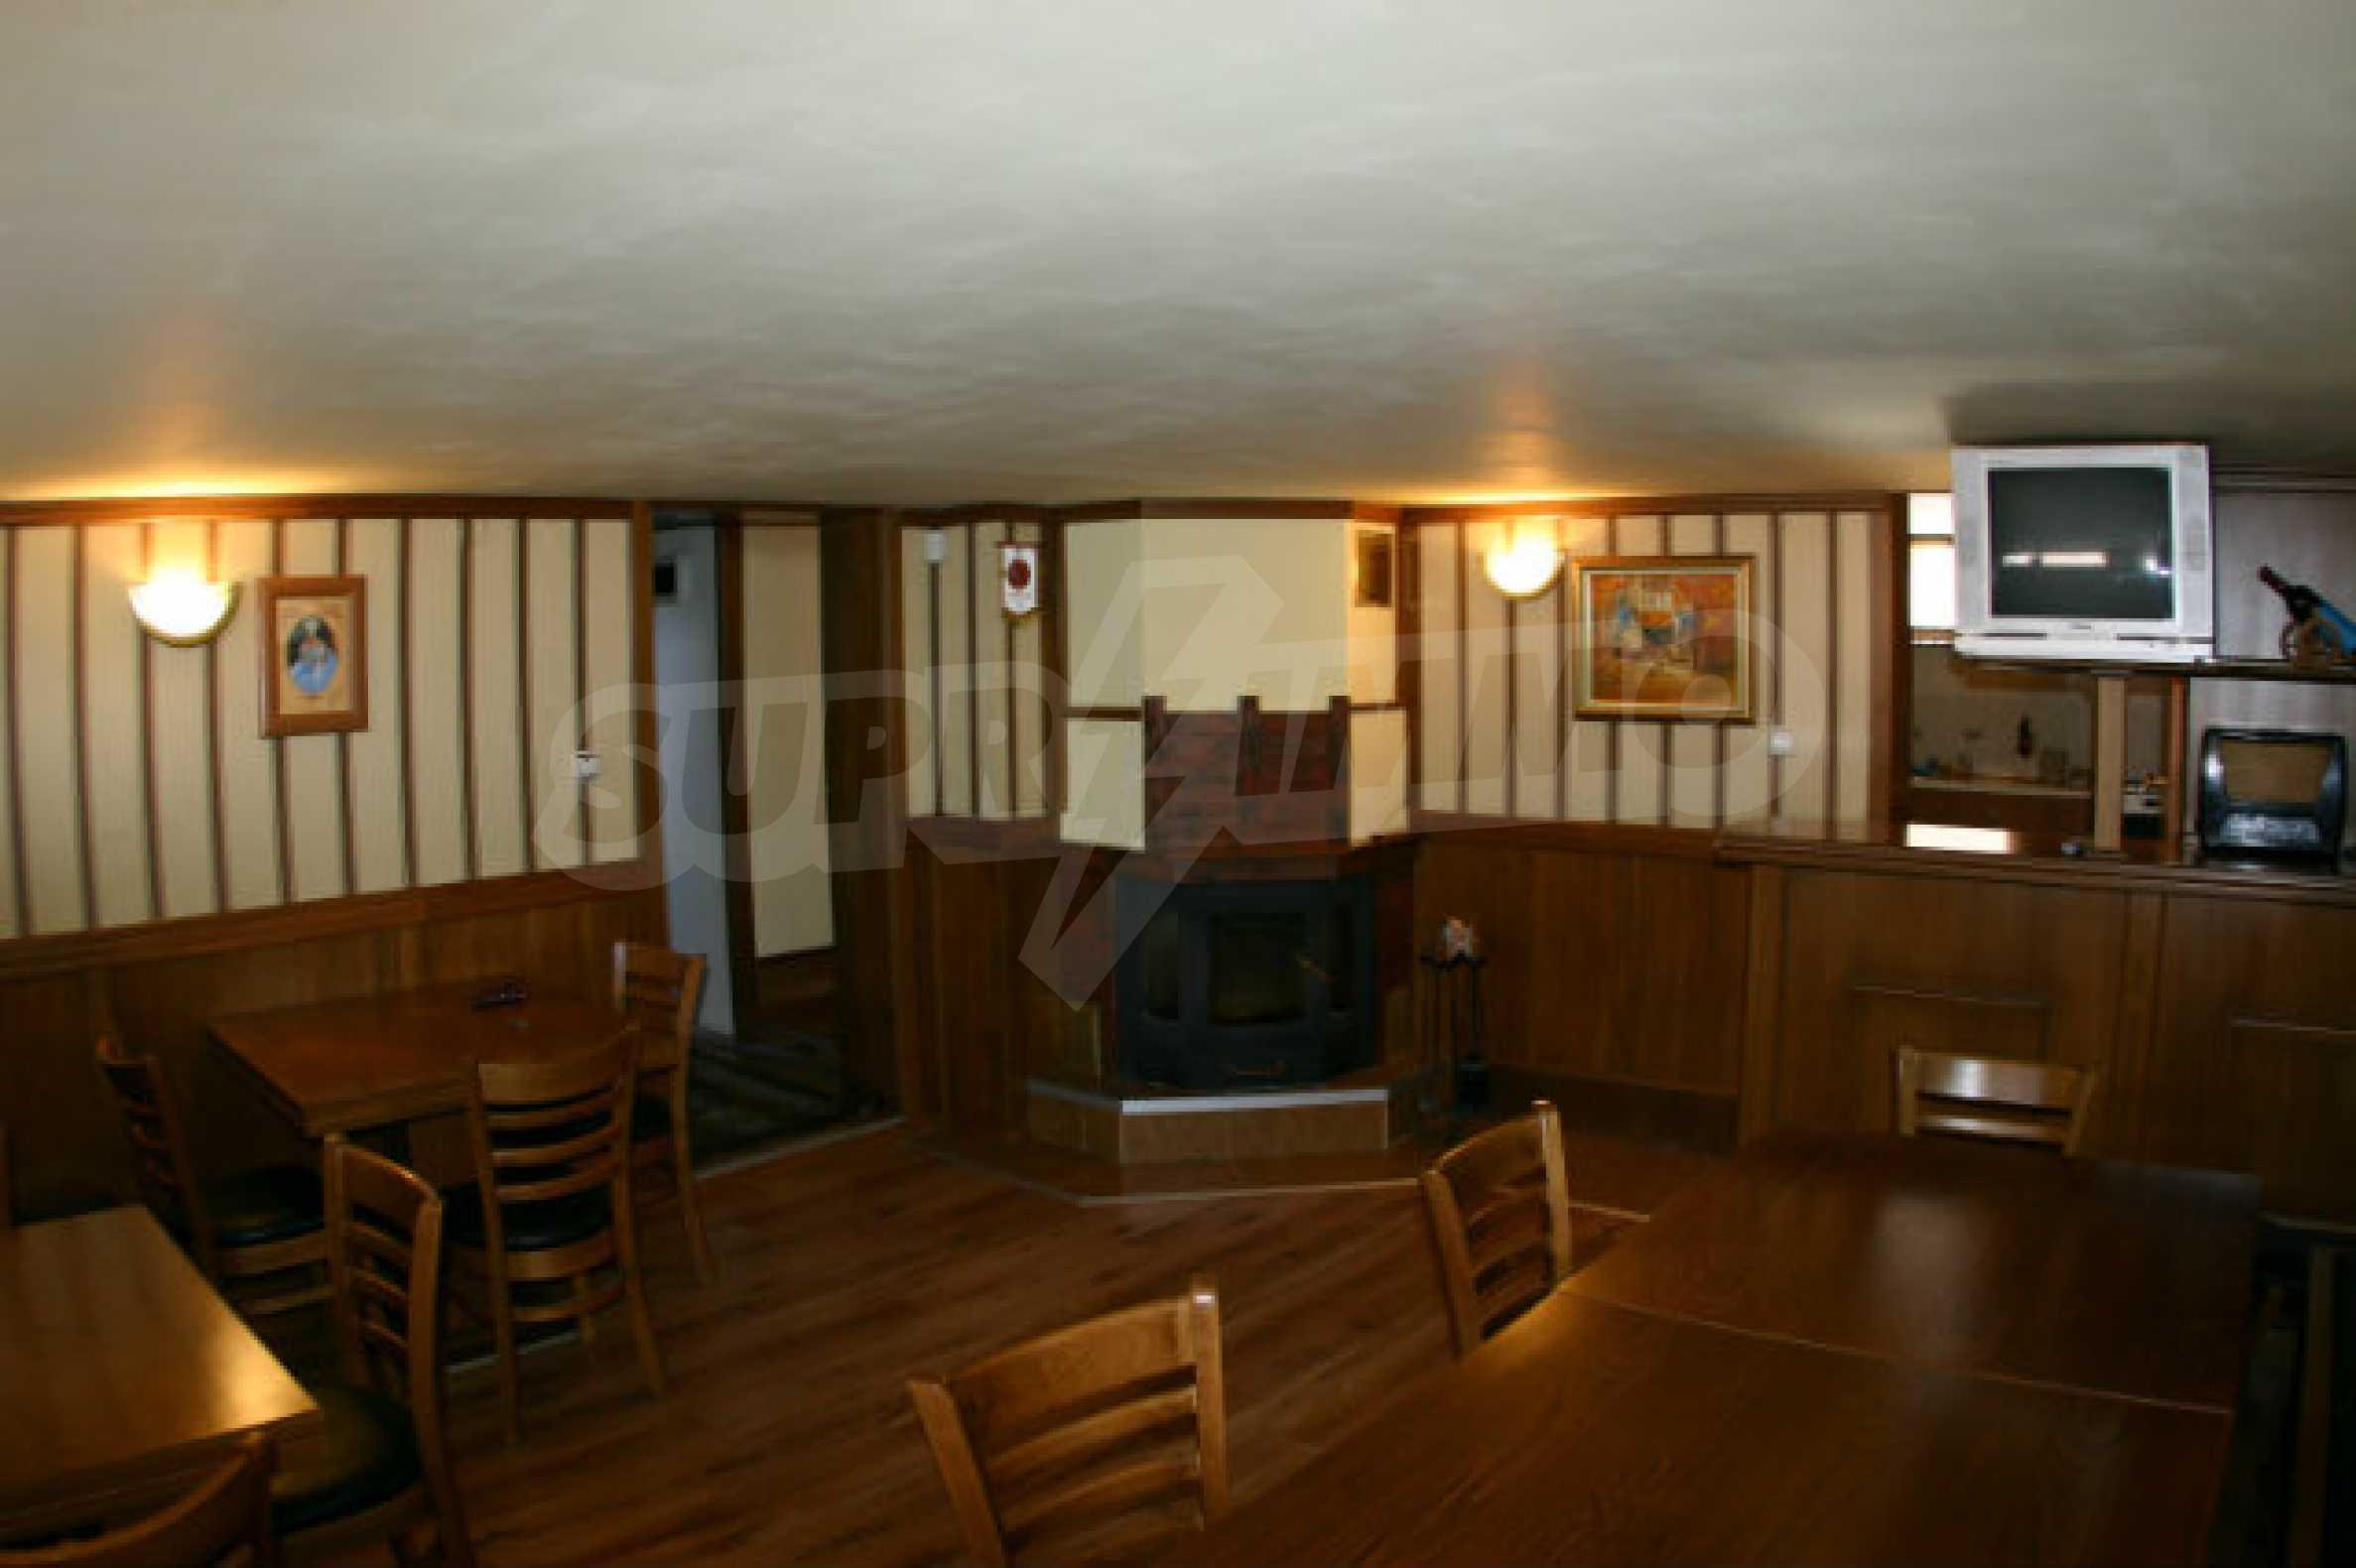 Familienhotel zum Verkauf in Dobrinischte, 6 km von Bansko entfernt 4